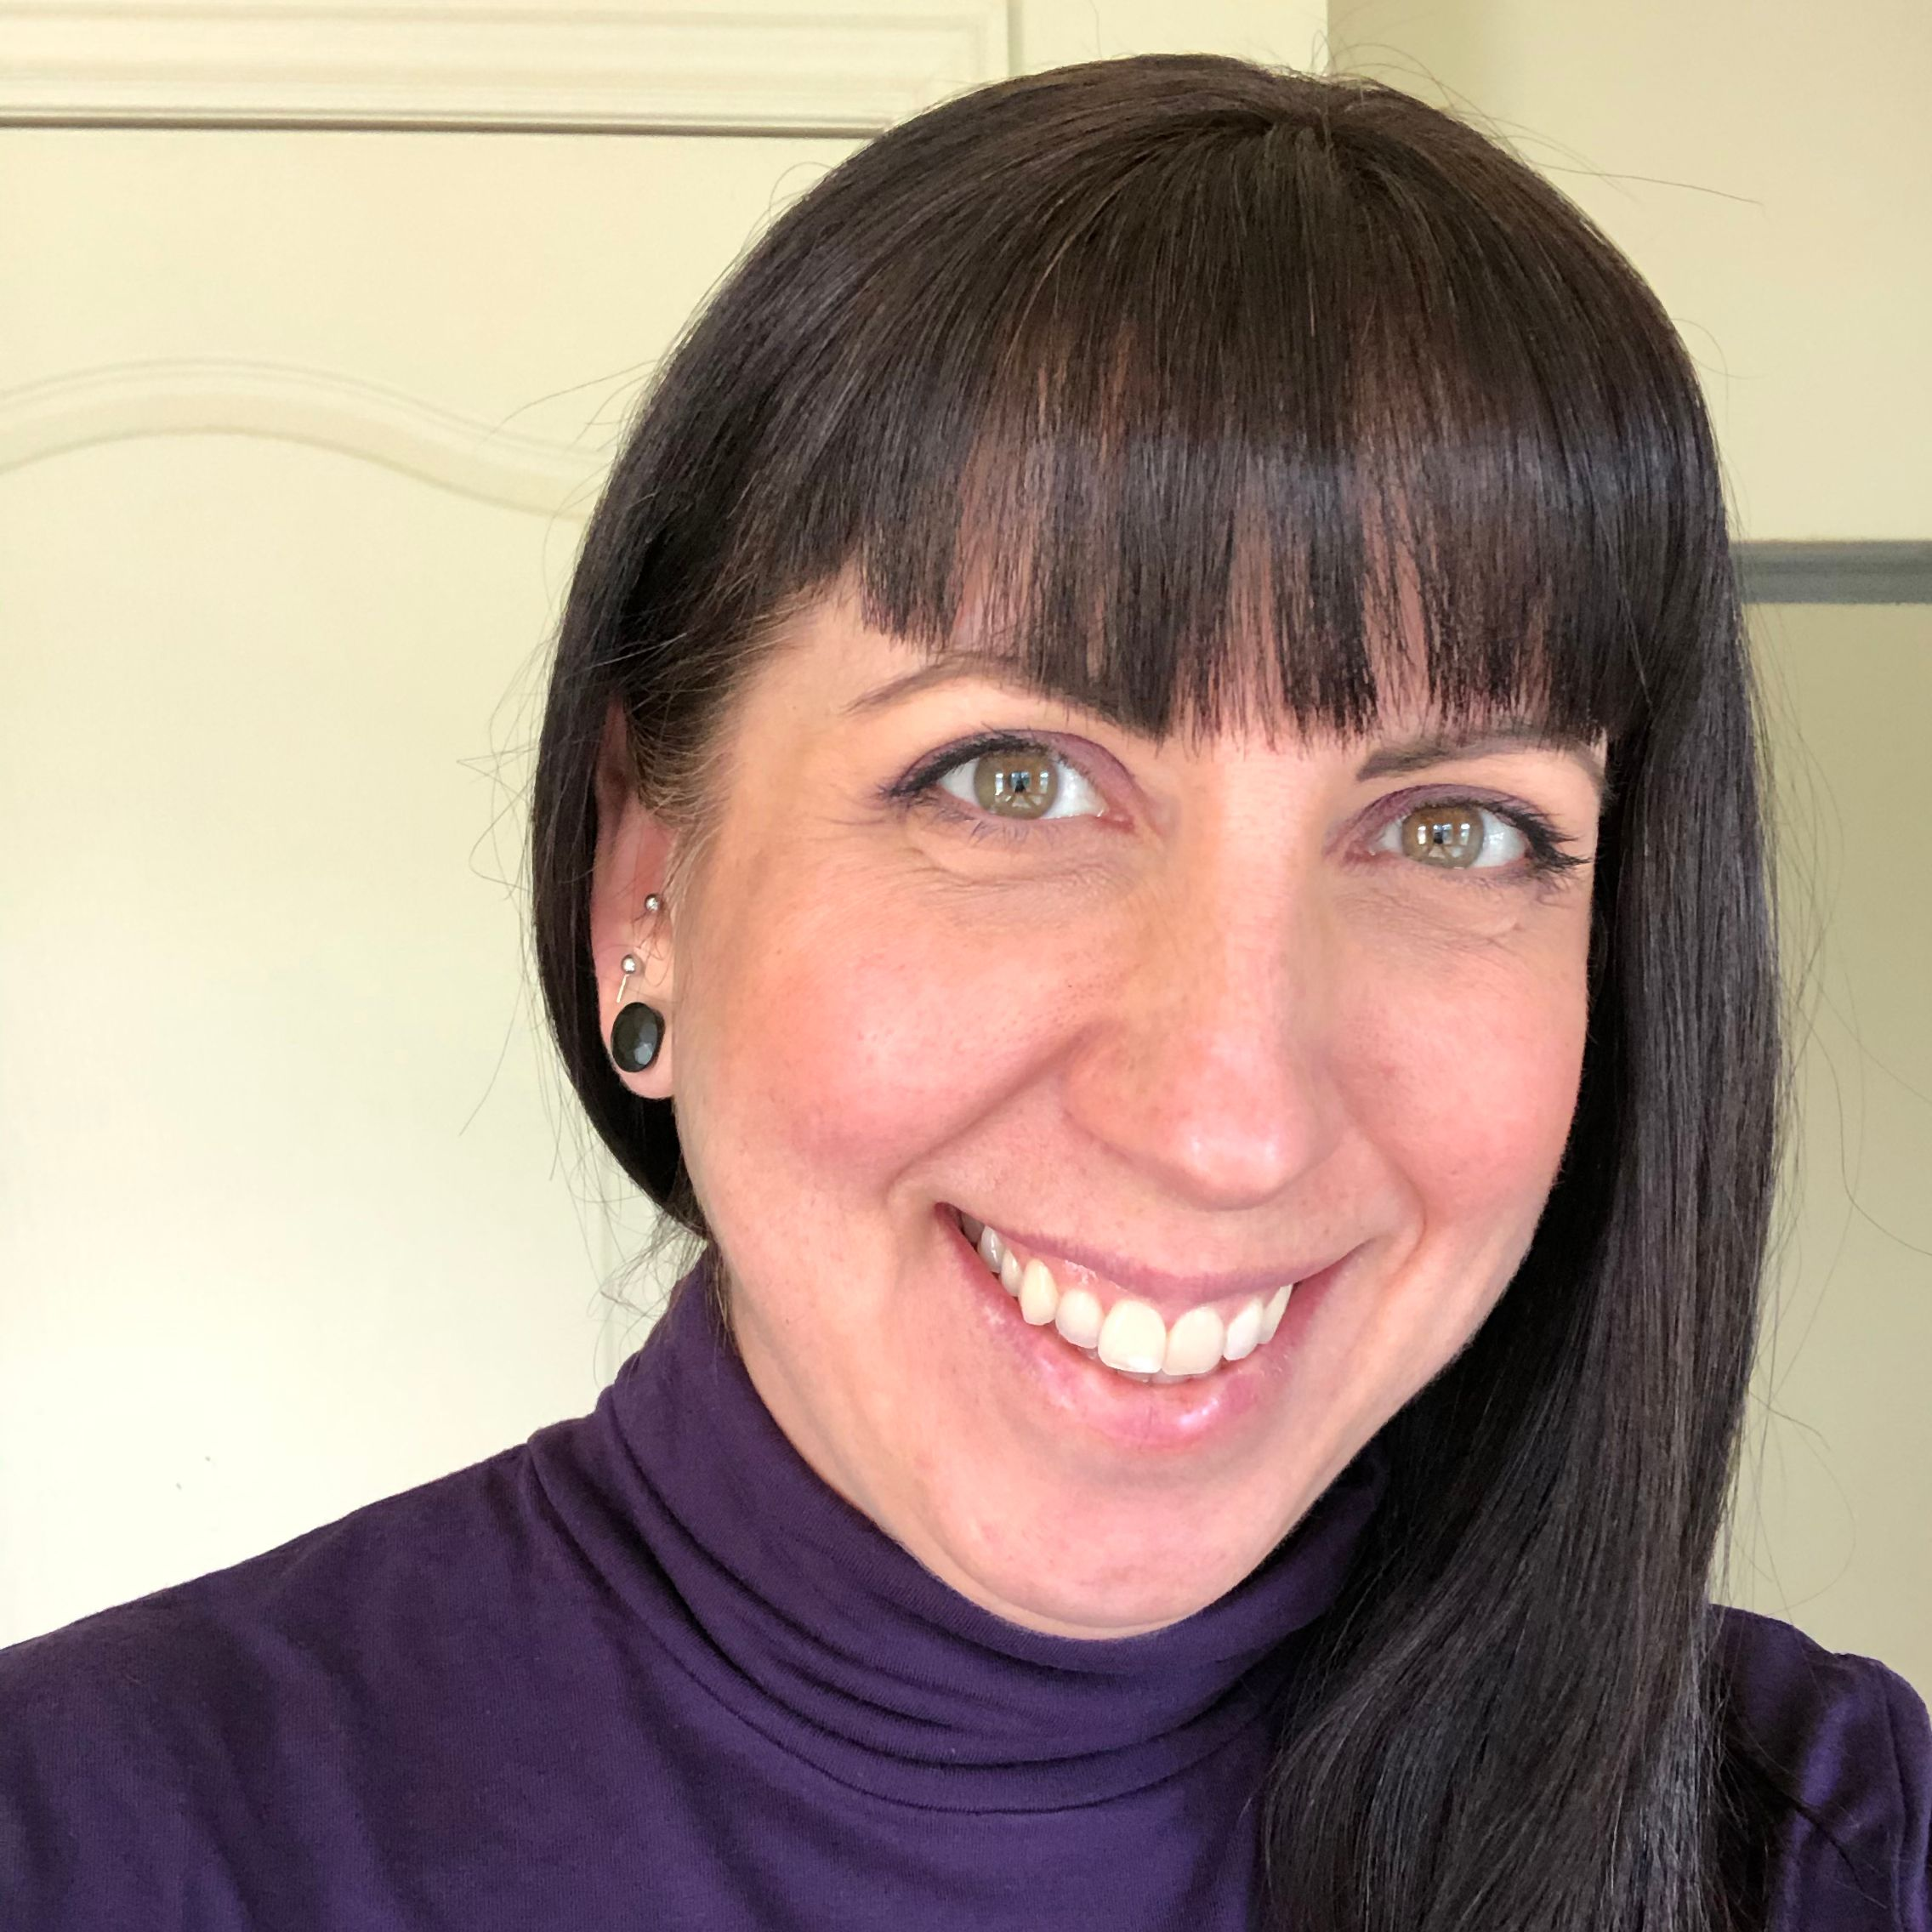 Joelle Irvine